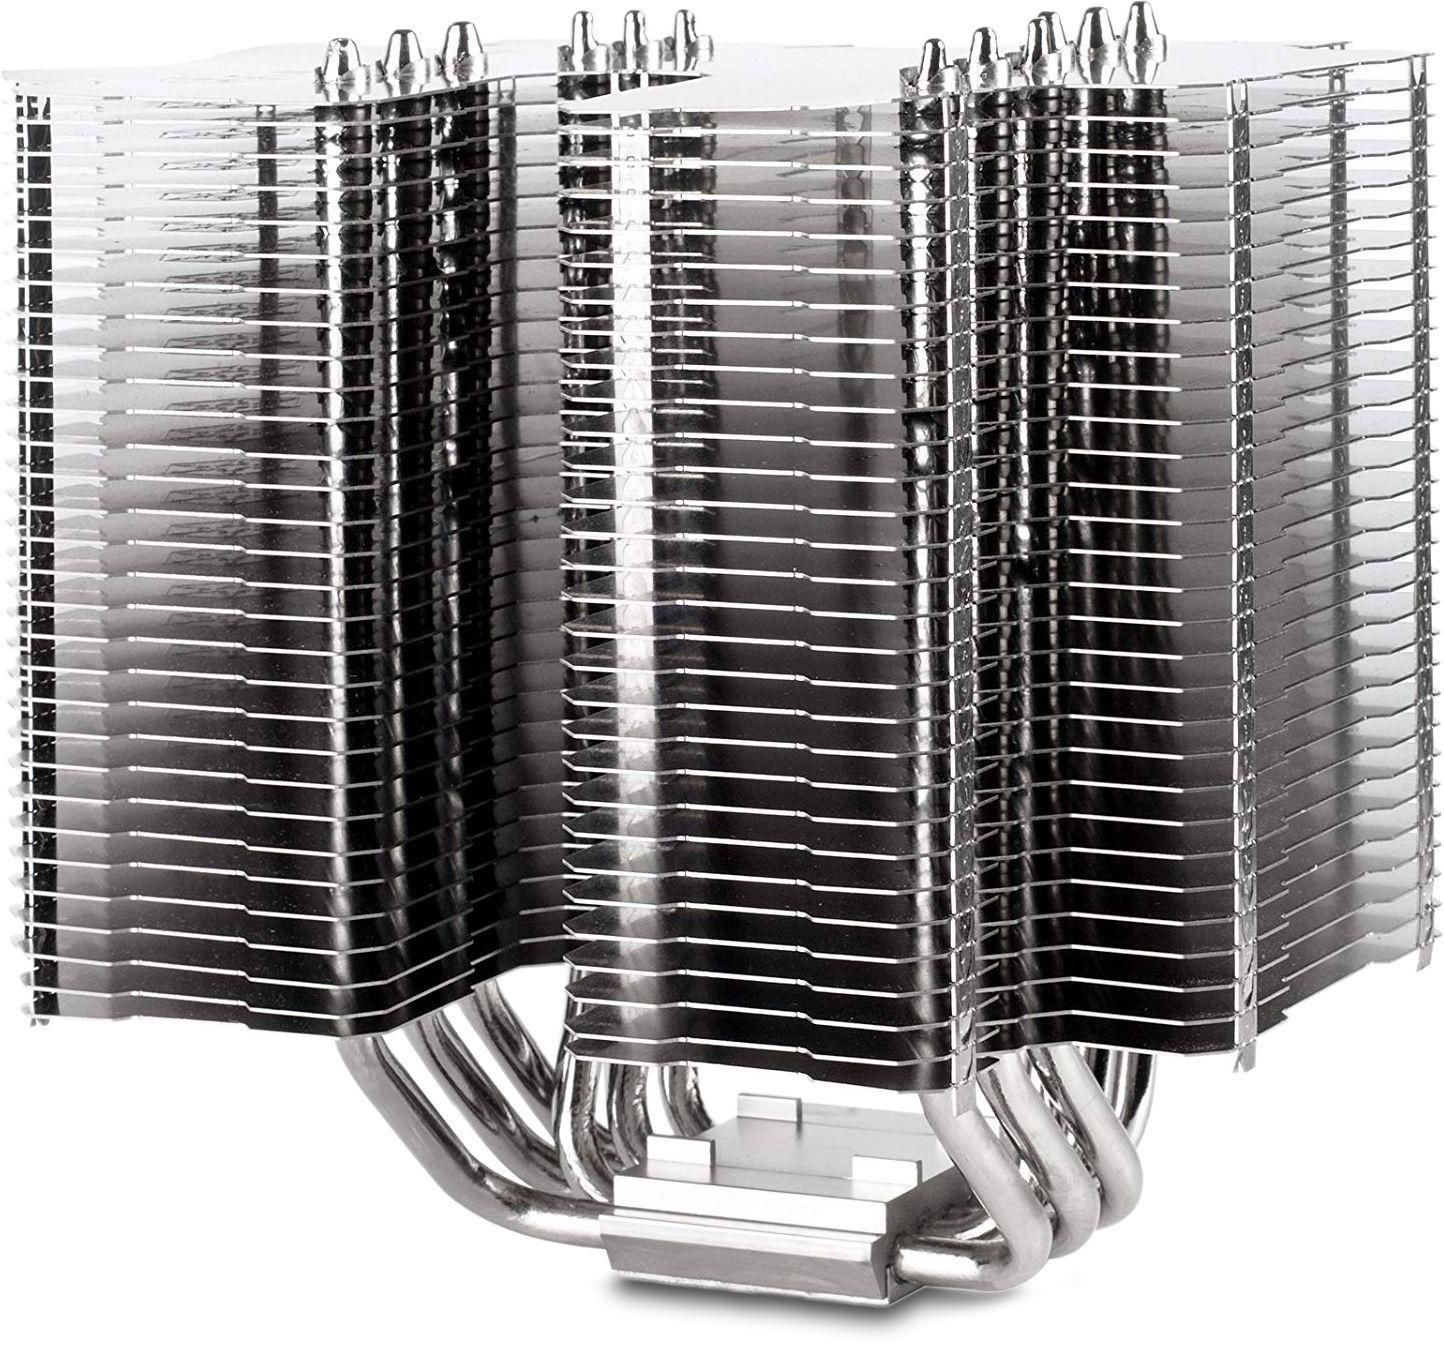 Heligon HE02-V2 Fanless CPU Cooler